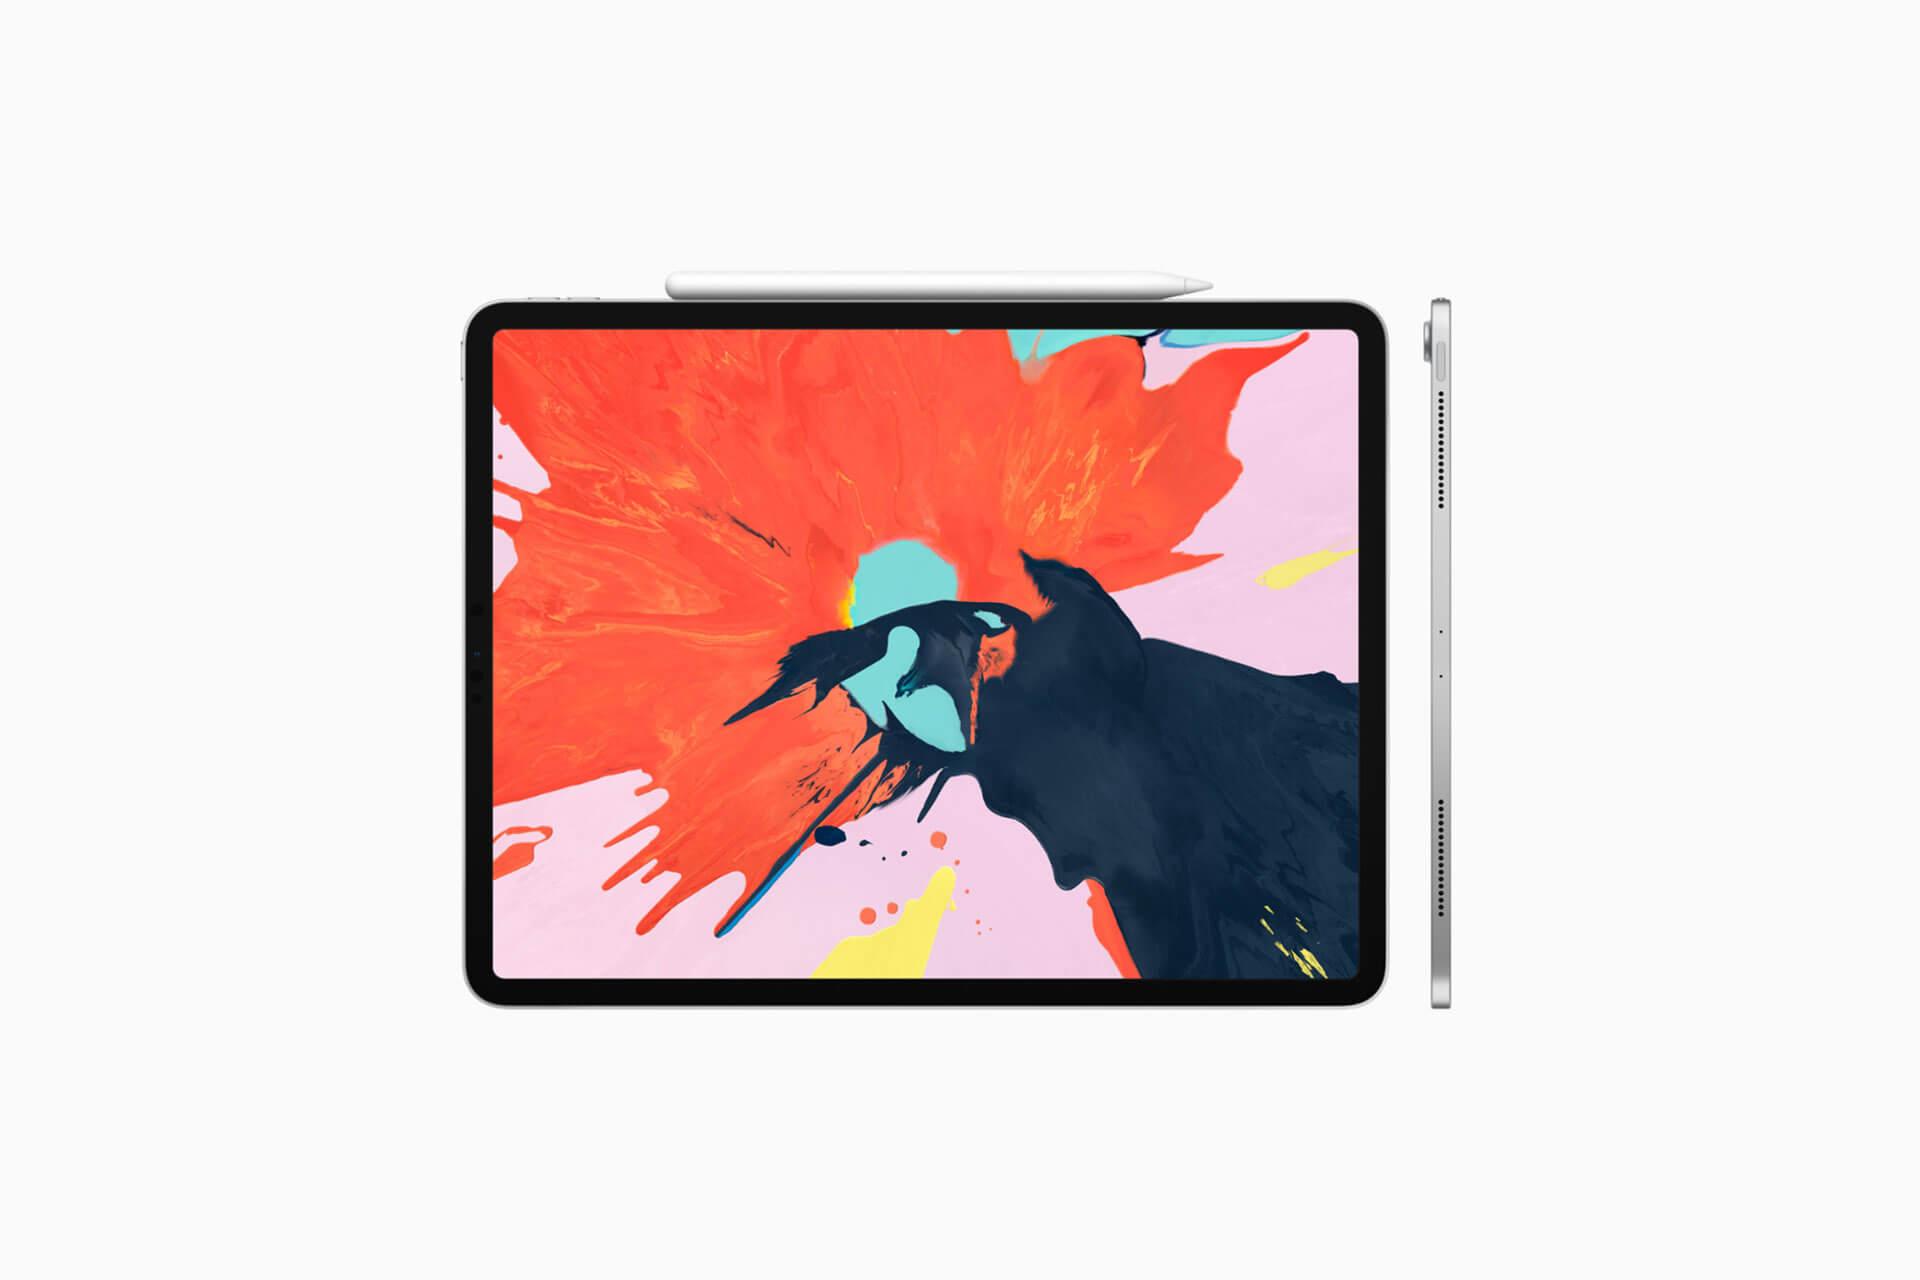 ソフトバンク 新しいiPad Pro(第3世代) 本体価格 月額料金